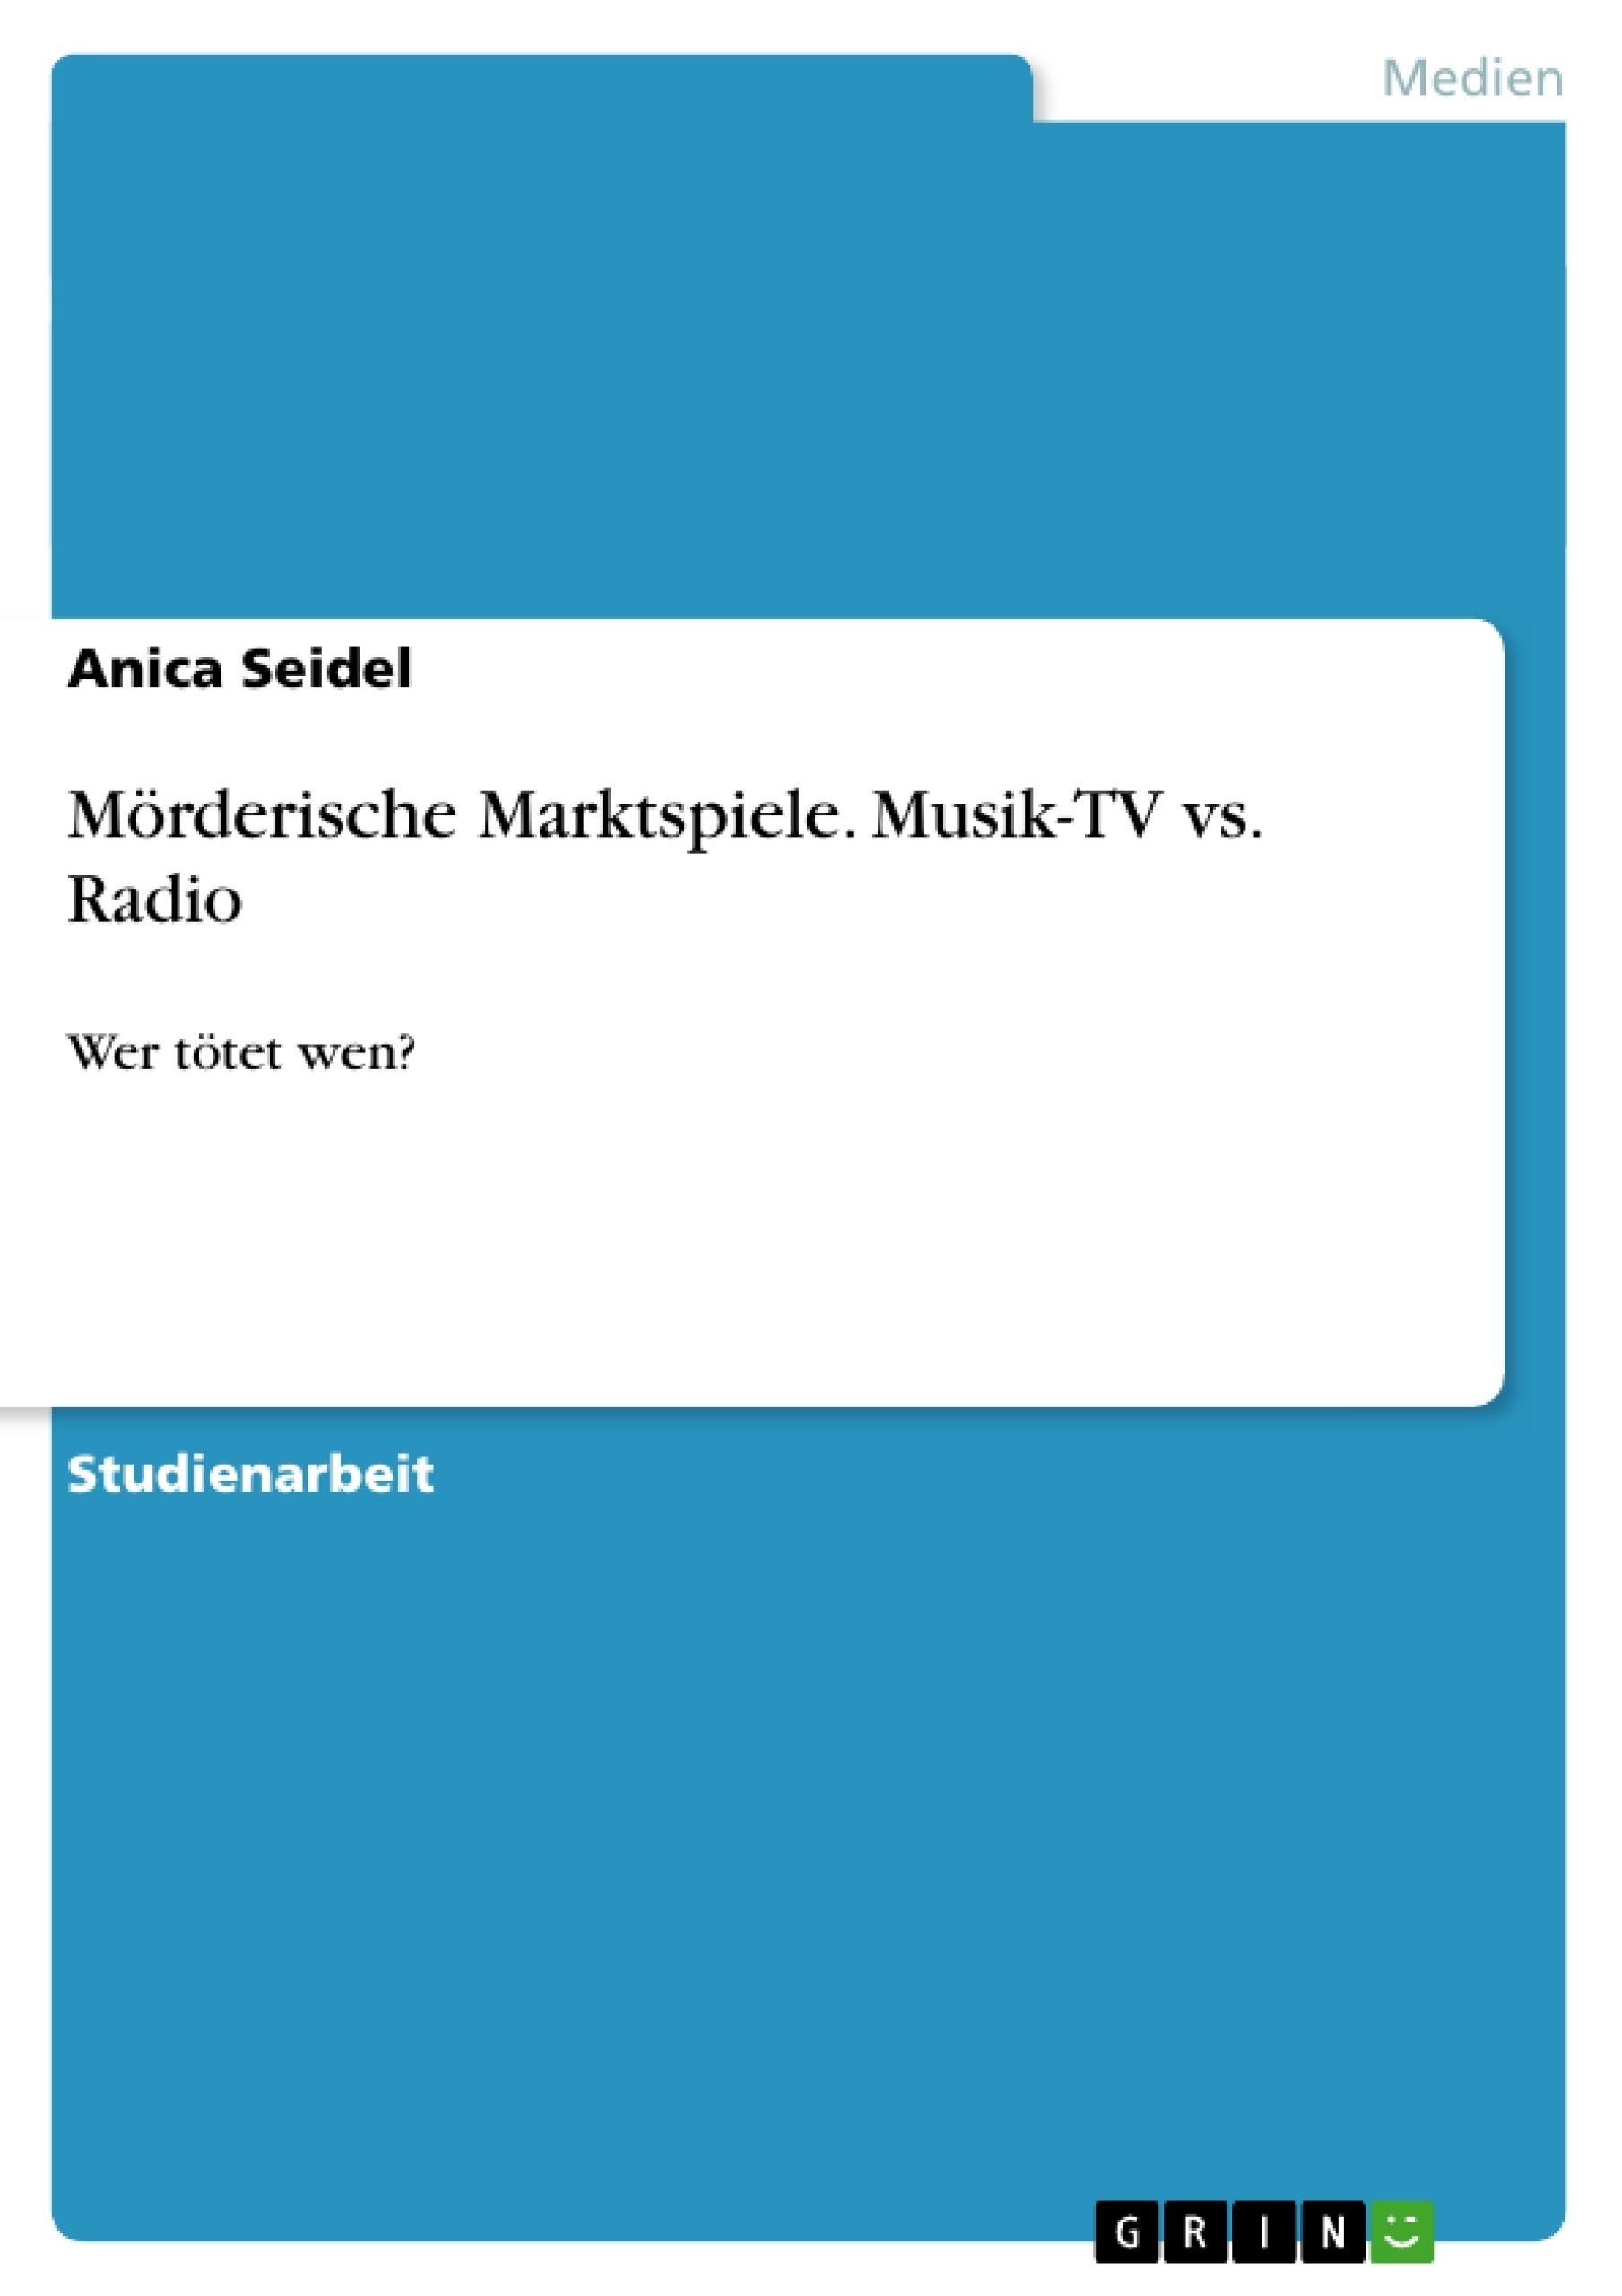 Titel: Mörderische Marktspiele. Musik-TV vs. Radio